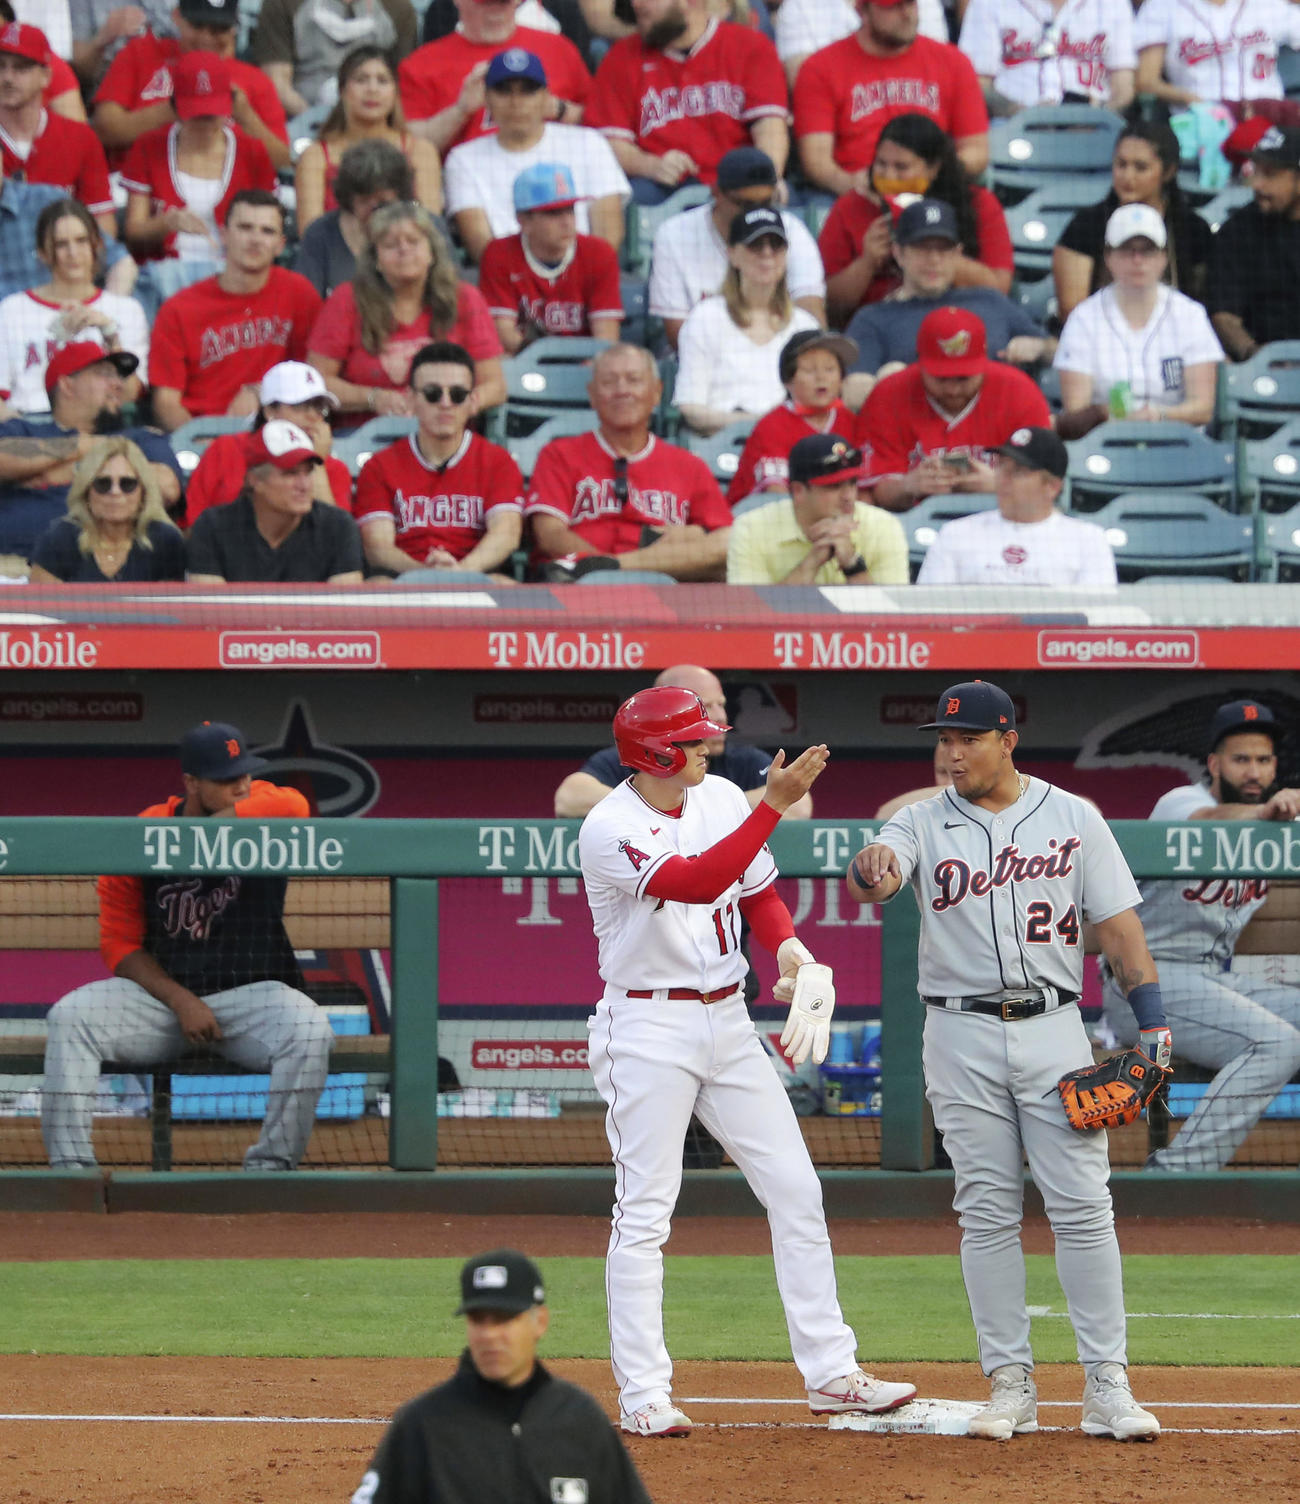 タイガース戦の1回、四球で出塁し一塁手カブレラと話をするエンゼルス・大谷(共同)